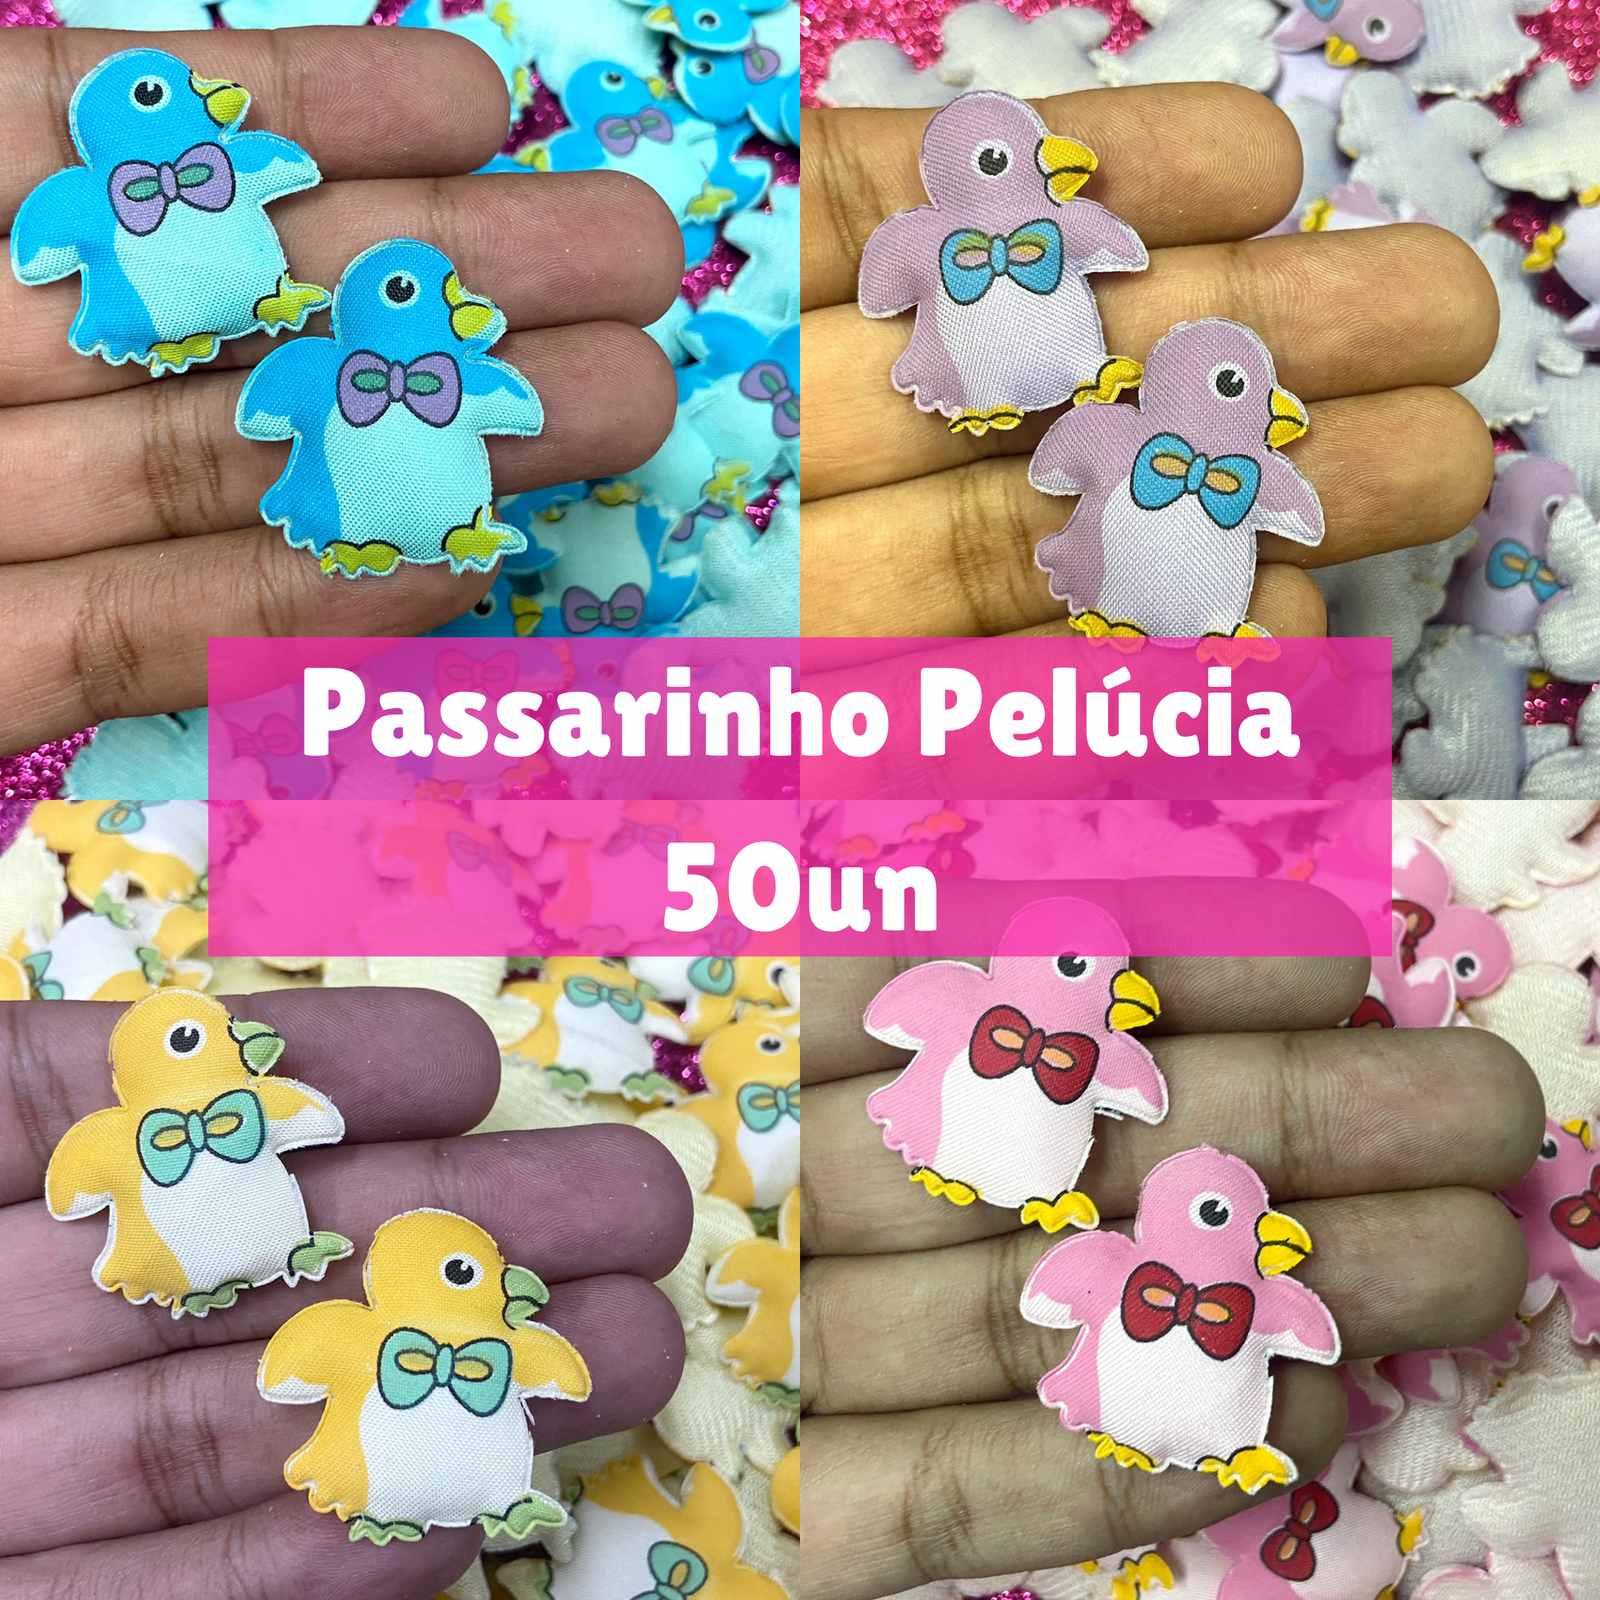 Pelúcia Passarinho - 50 unidades